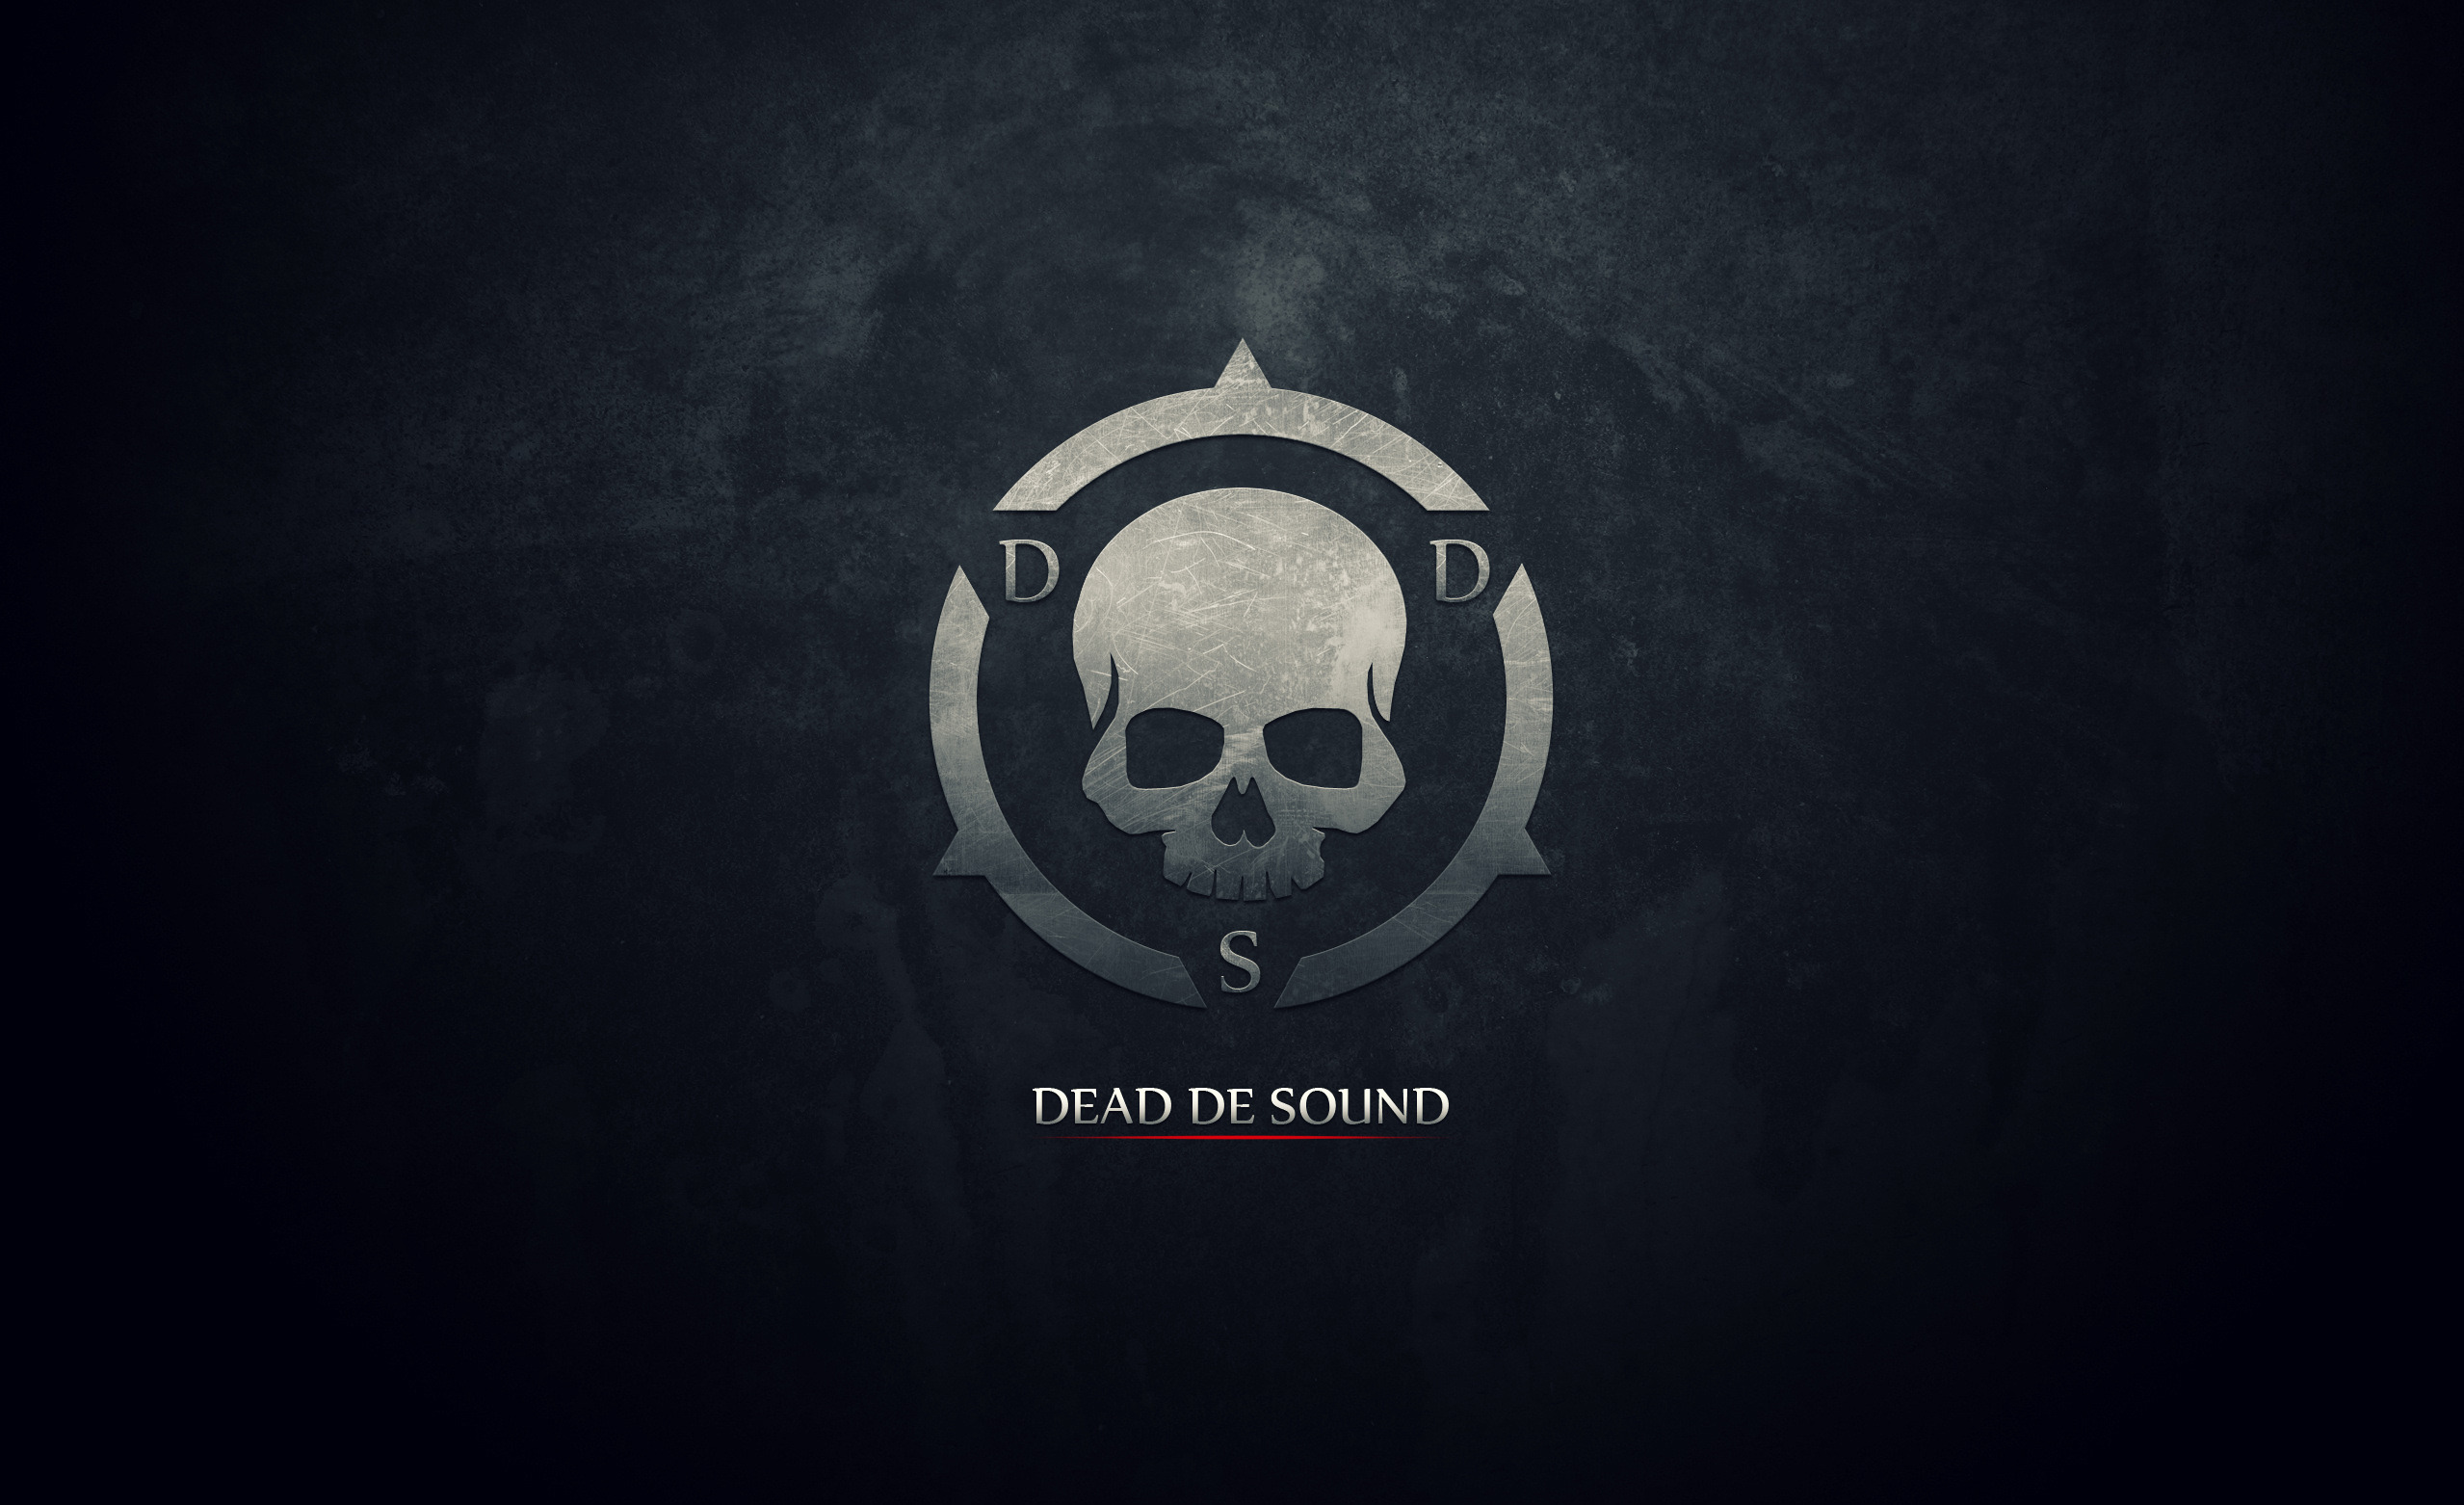 Wallpaper dead de dound metal skull wallpapers music   download 2558x1562